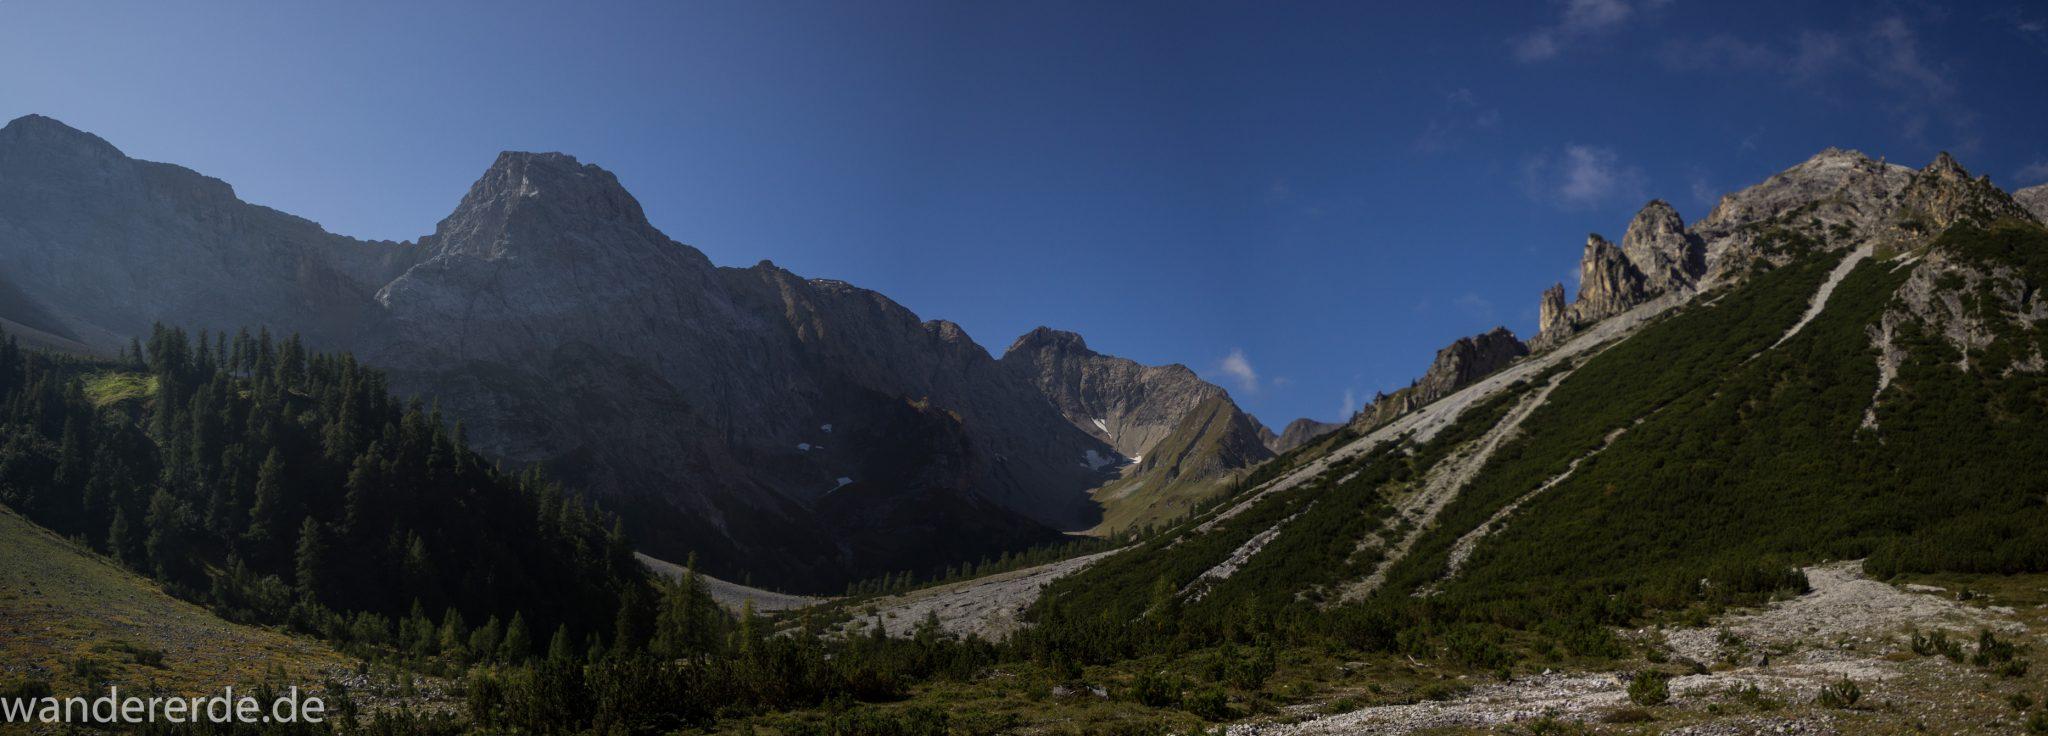 Alpenüberquerung Fernwanderweg E5 Oberstdorf Meran, 3. Etappe von Memminger Hütte zur Skihütte Zams, nach Erreichen der Seescharte folgt ein sehr langer Abstieg ins Lochbachtal auf schmalem Wanderpfad Richtung Zams, Aussicht auf beeindruckende Berge der Alpen und Bergwiesen, grüne Vegetation ist wieder erreicht